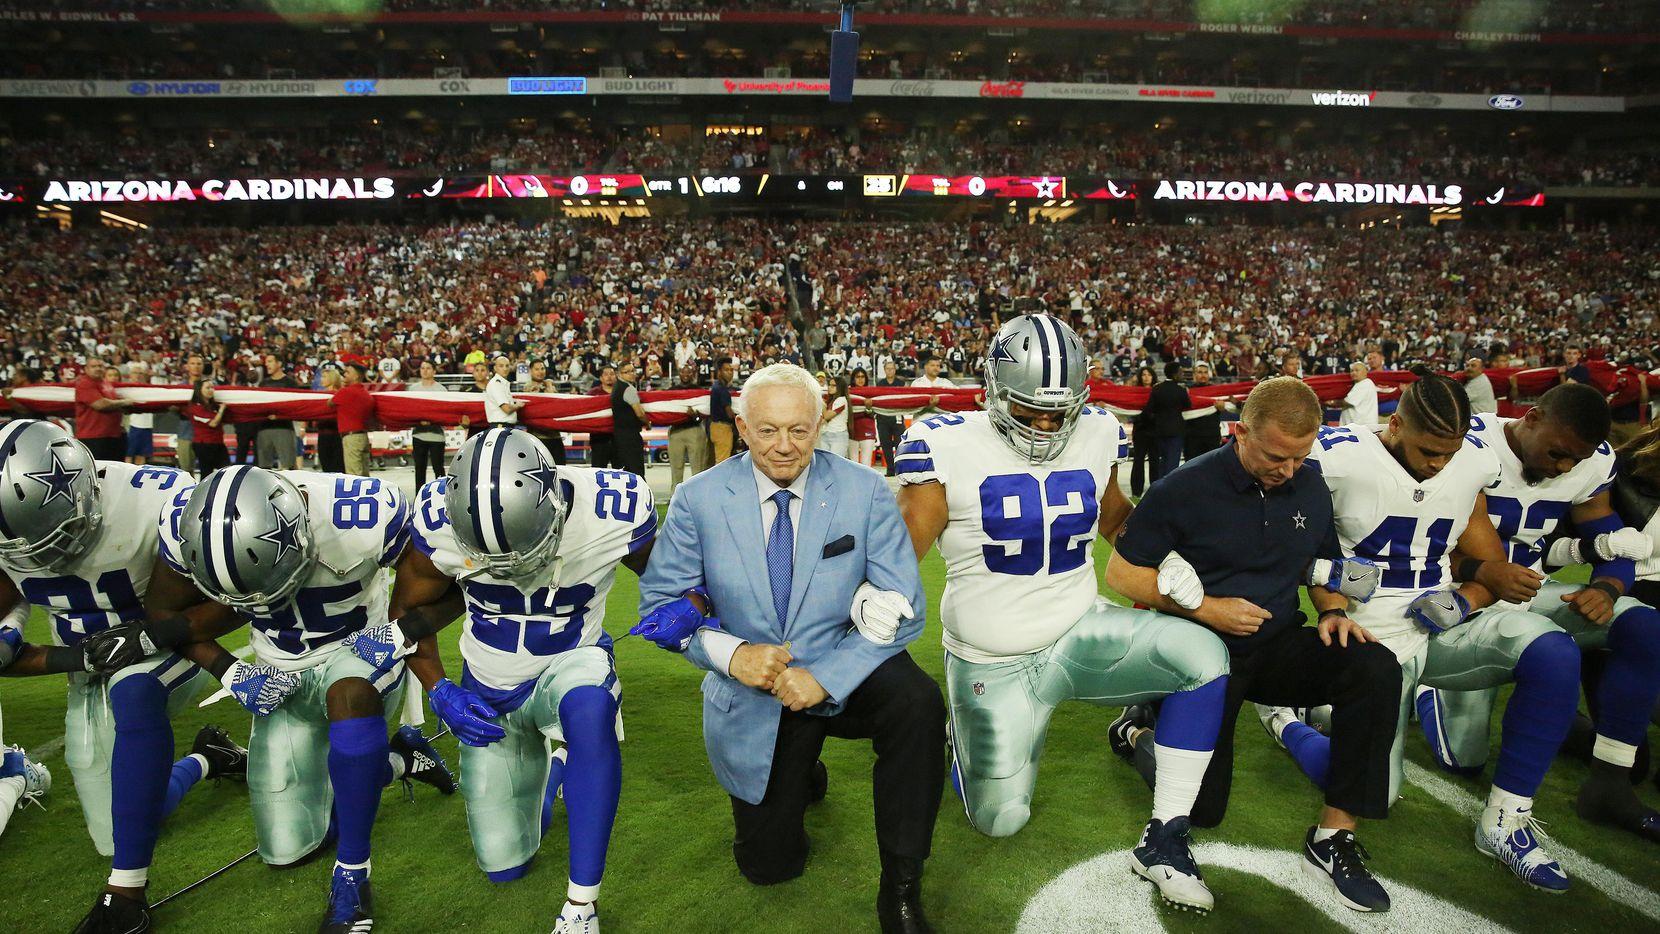 El dueño de los Cowboys de Dallas Jerry Jones (centro) se arrodilla junto a sus jugadores previo al partido entre Dallas y Arizona. (DMN/ANDY JACOBSOHN)